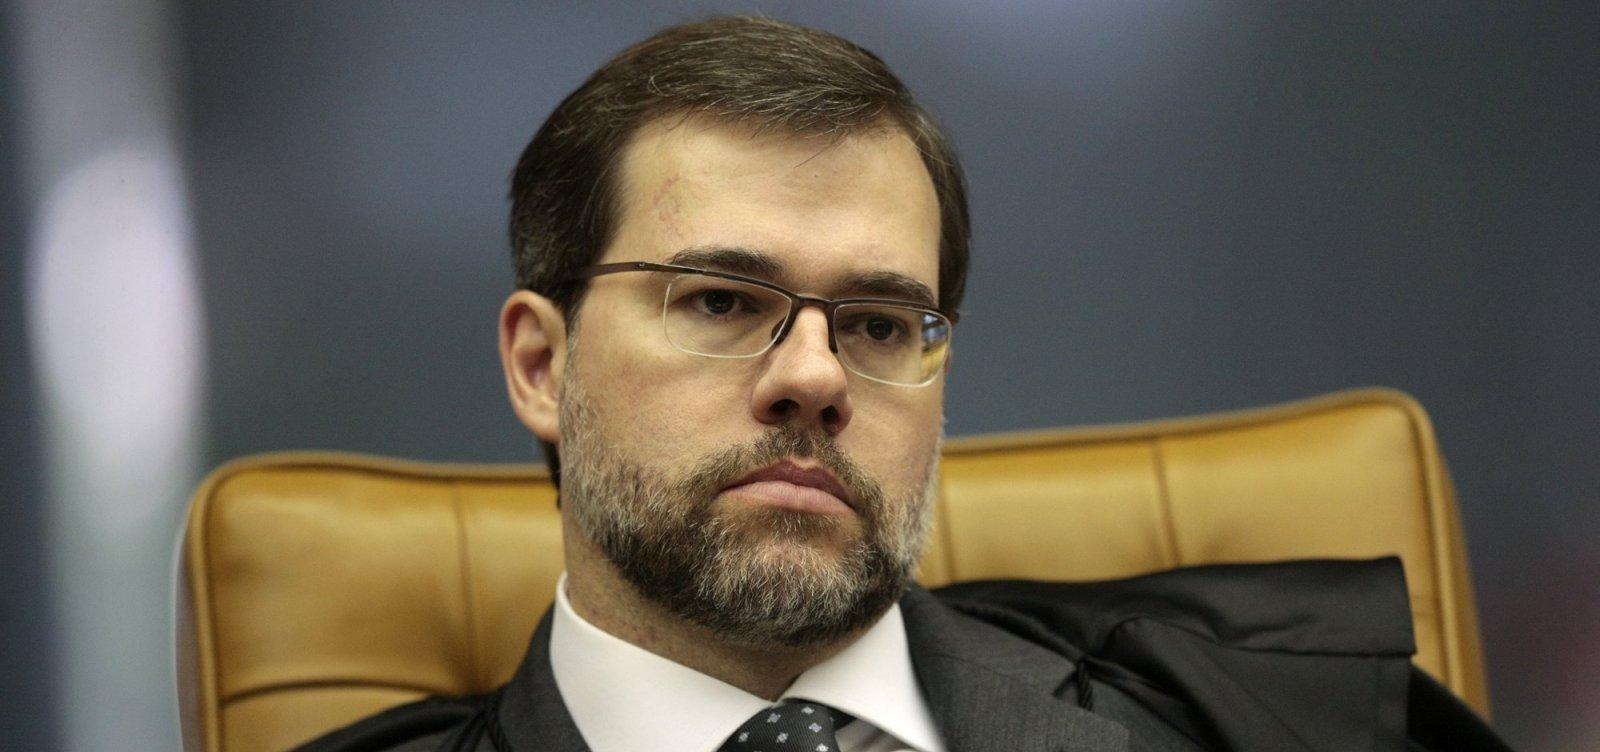 [Presidente do STF proíbe entrevista de Lula e manda caso para plenário]